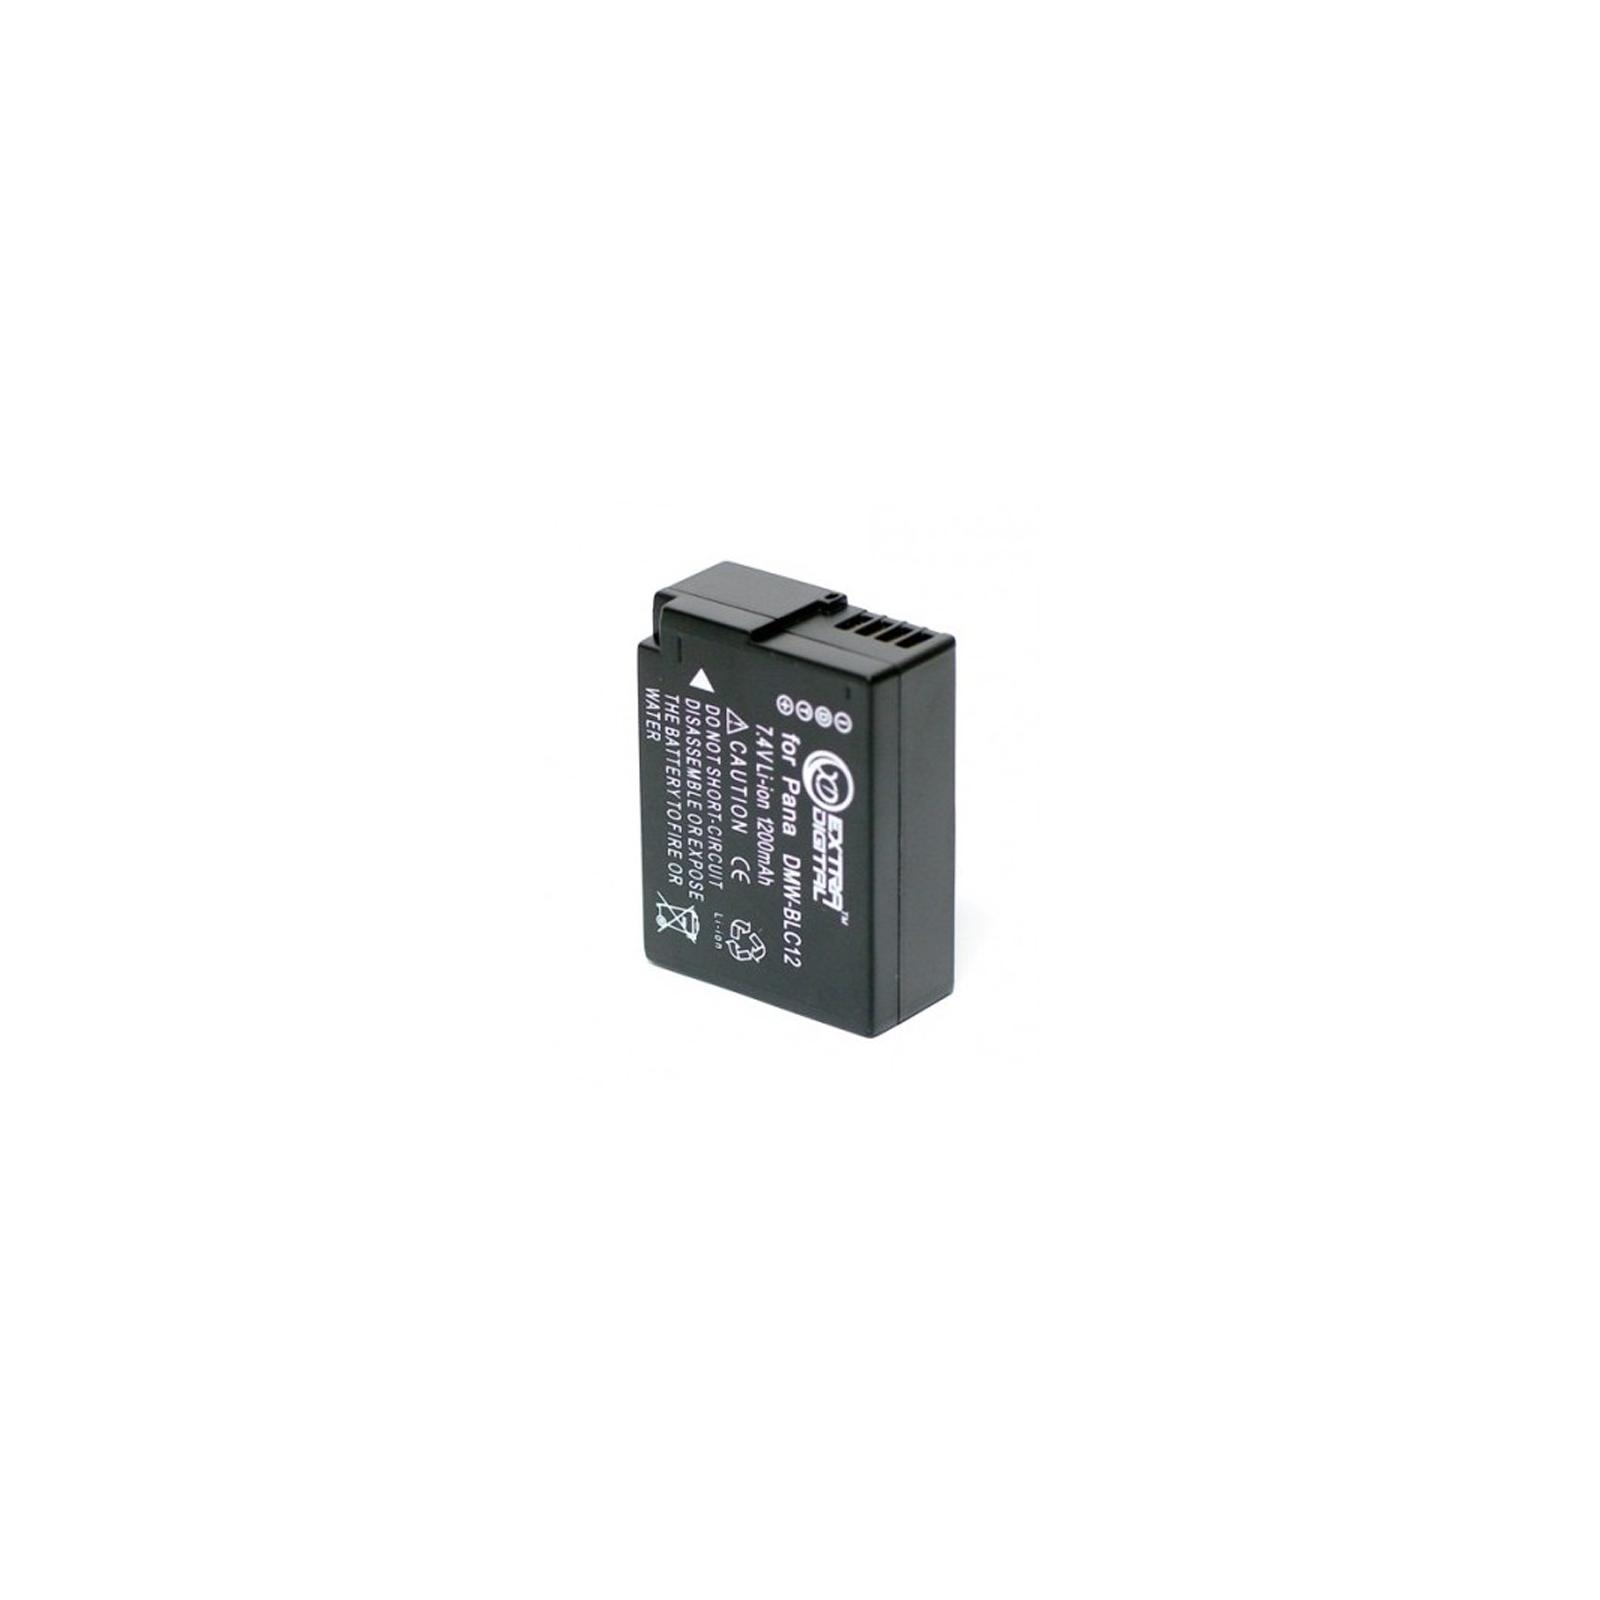 Аккумулятор к фото/видео EXTRADIGITAL Panasonic DMW-BLC12 (BDP2567) изображение 2